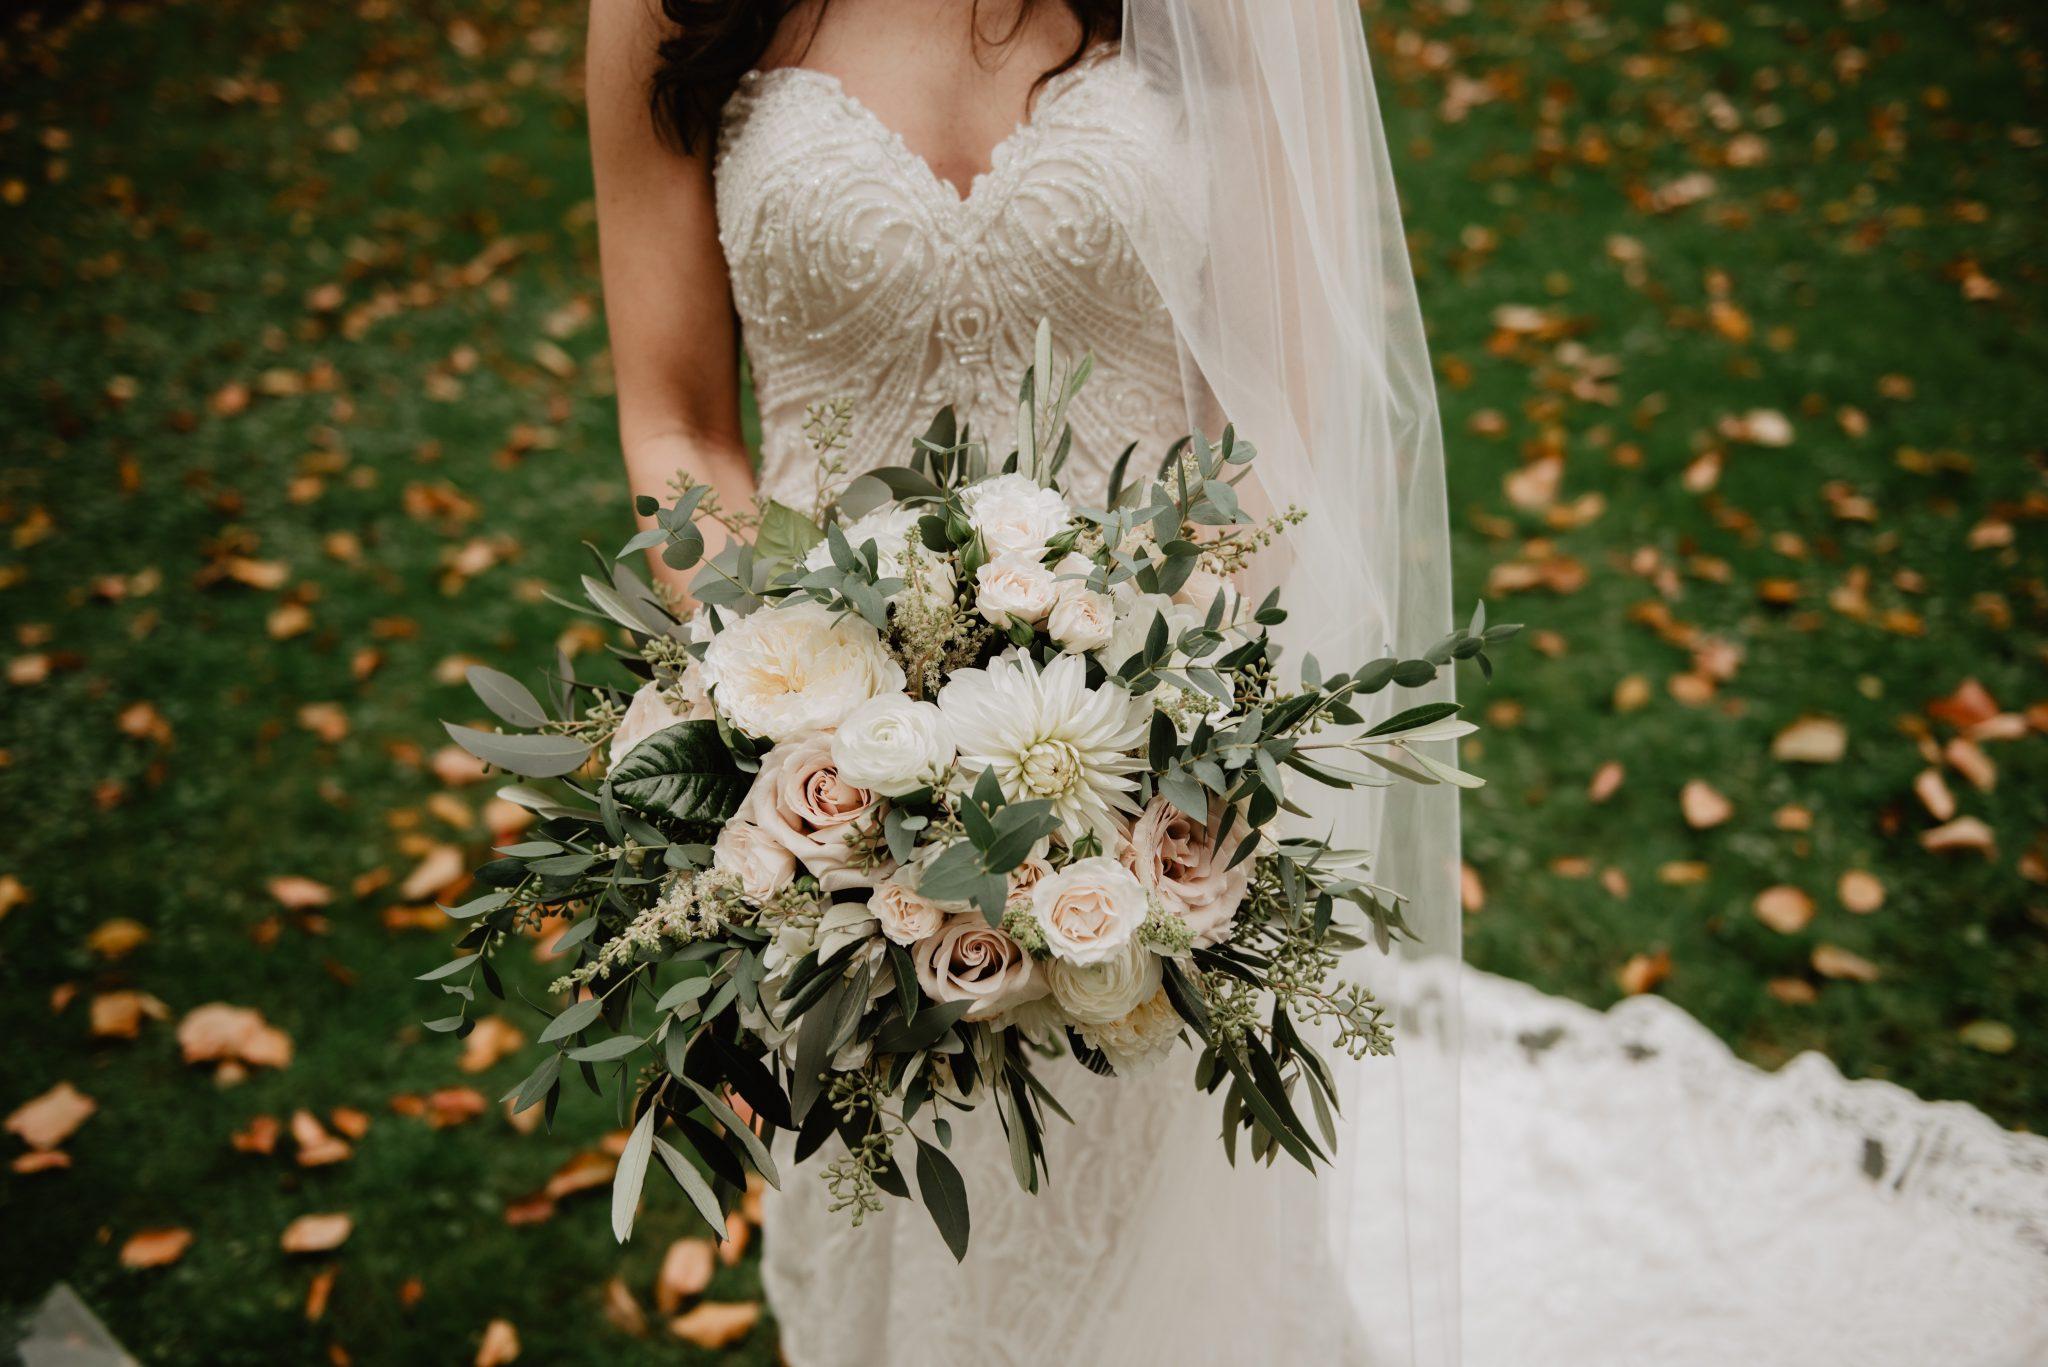 tips to pick a wedding vendor